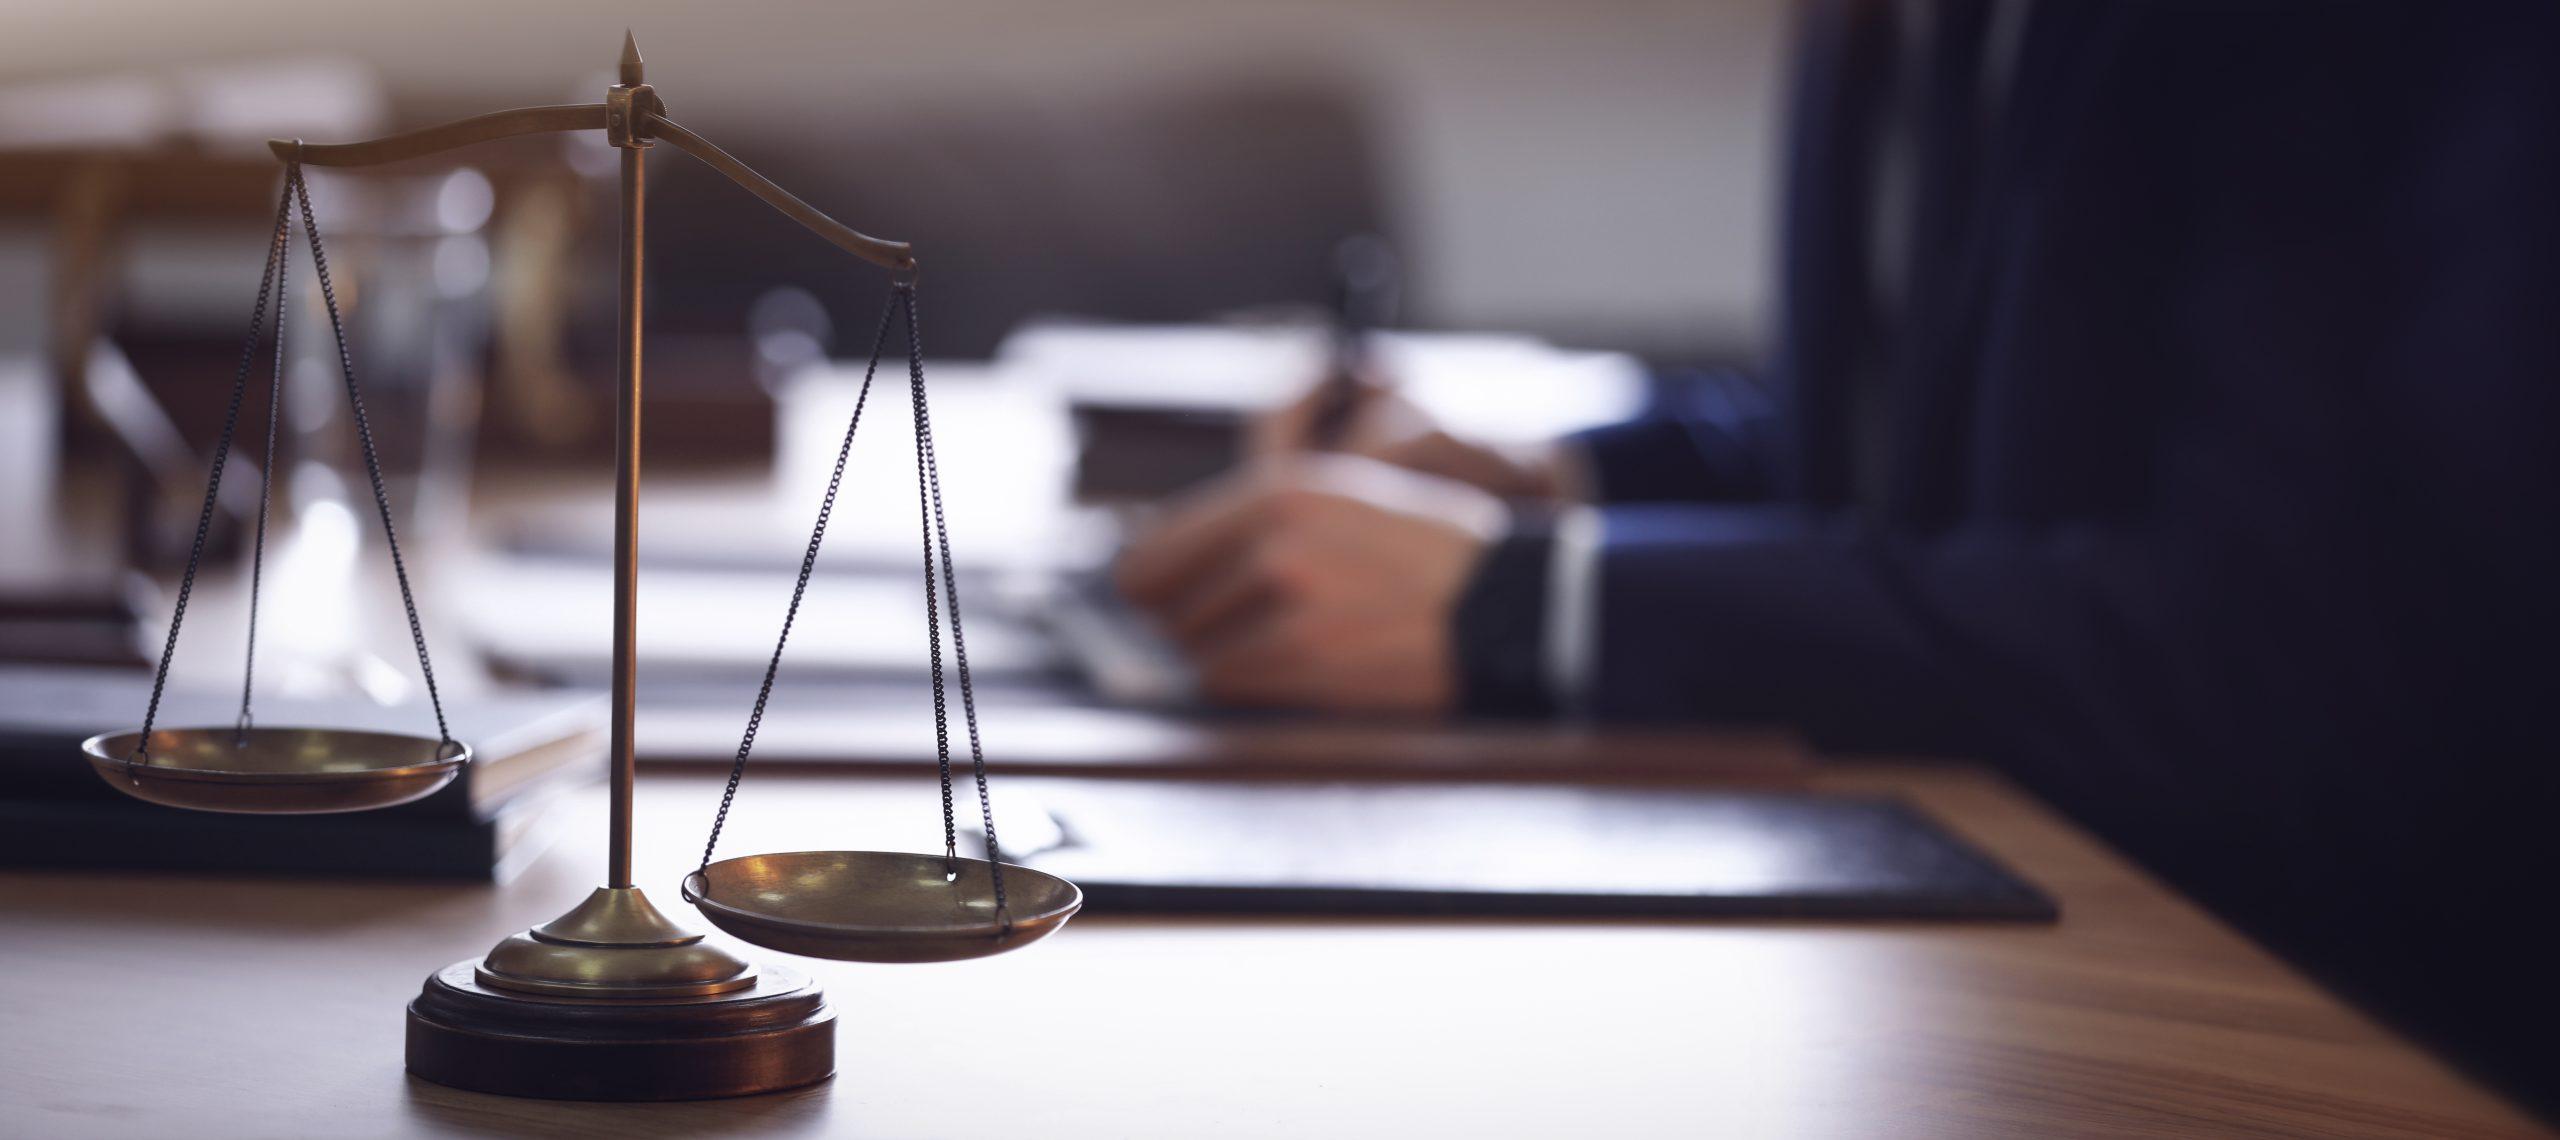 Condenan a 20 años de prisión a un hombre por robo a mano a armada en residencia de Nagua